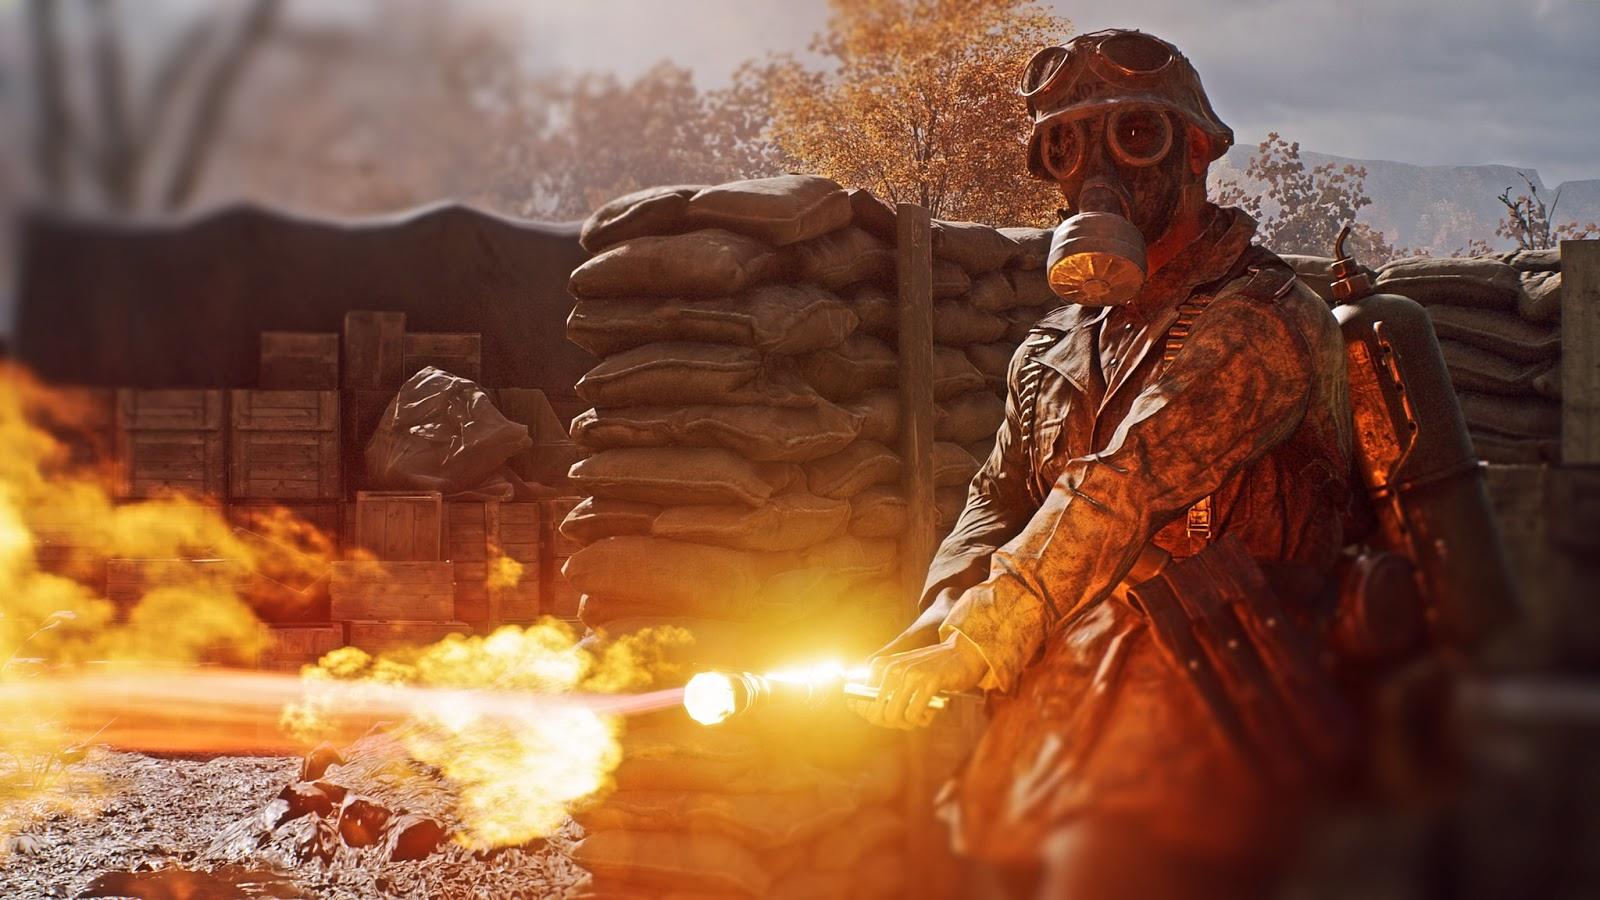 """Battlefield V poderá receber novos ranks até o nível 1000 e sistema """"prestige"""" Img: Chris177uk"""